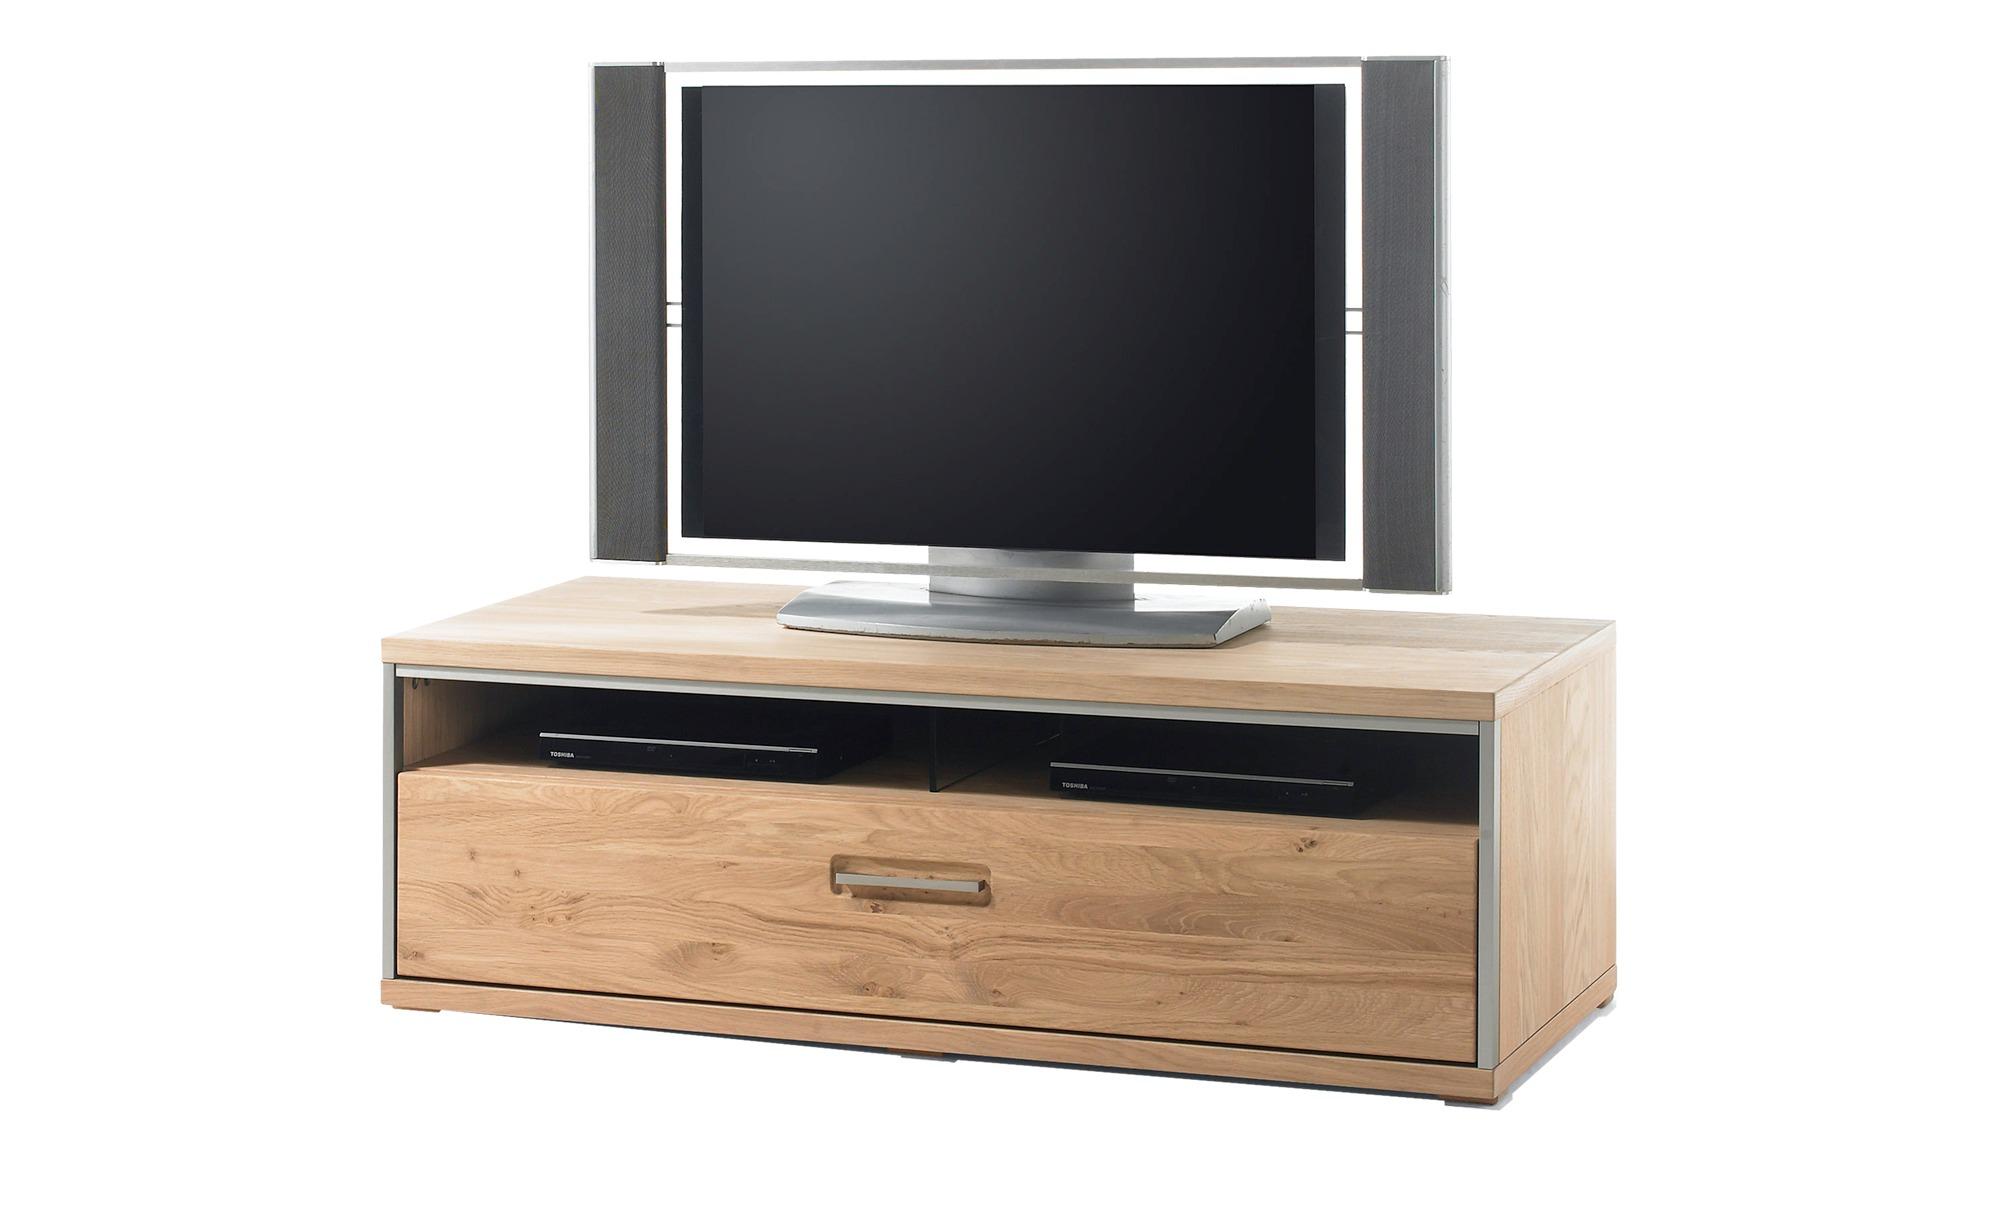 Woodford Lowboard   Duo ¦ Maße (cm): B: 124 H: 41 T: 52 Kommoden & Sideboards > Lowboards - Höffner | Wohnzimmer > Schränke | Furniert - Metall | Möbel Höffner DE